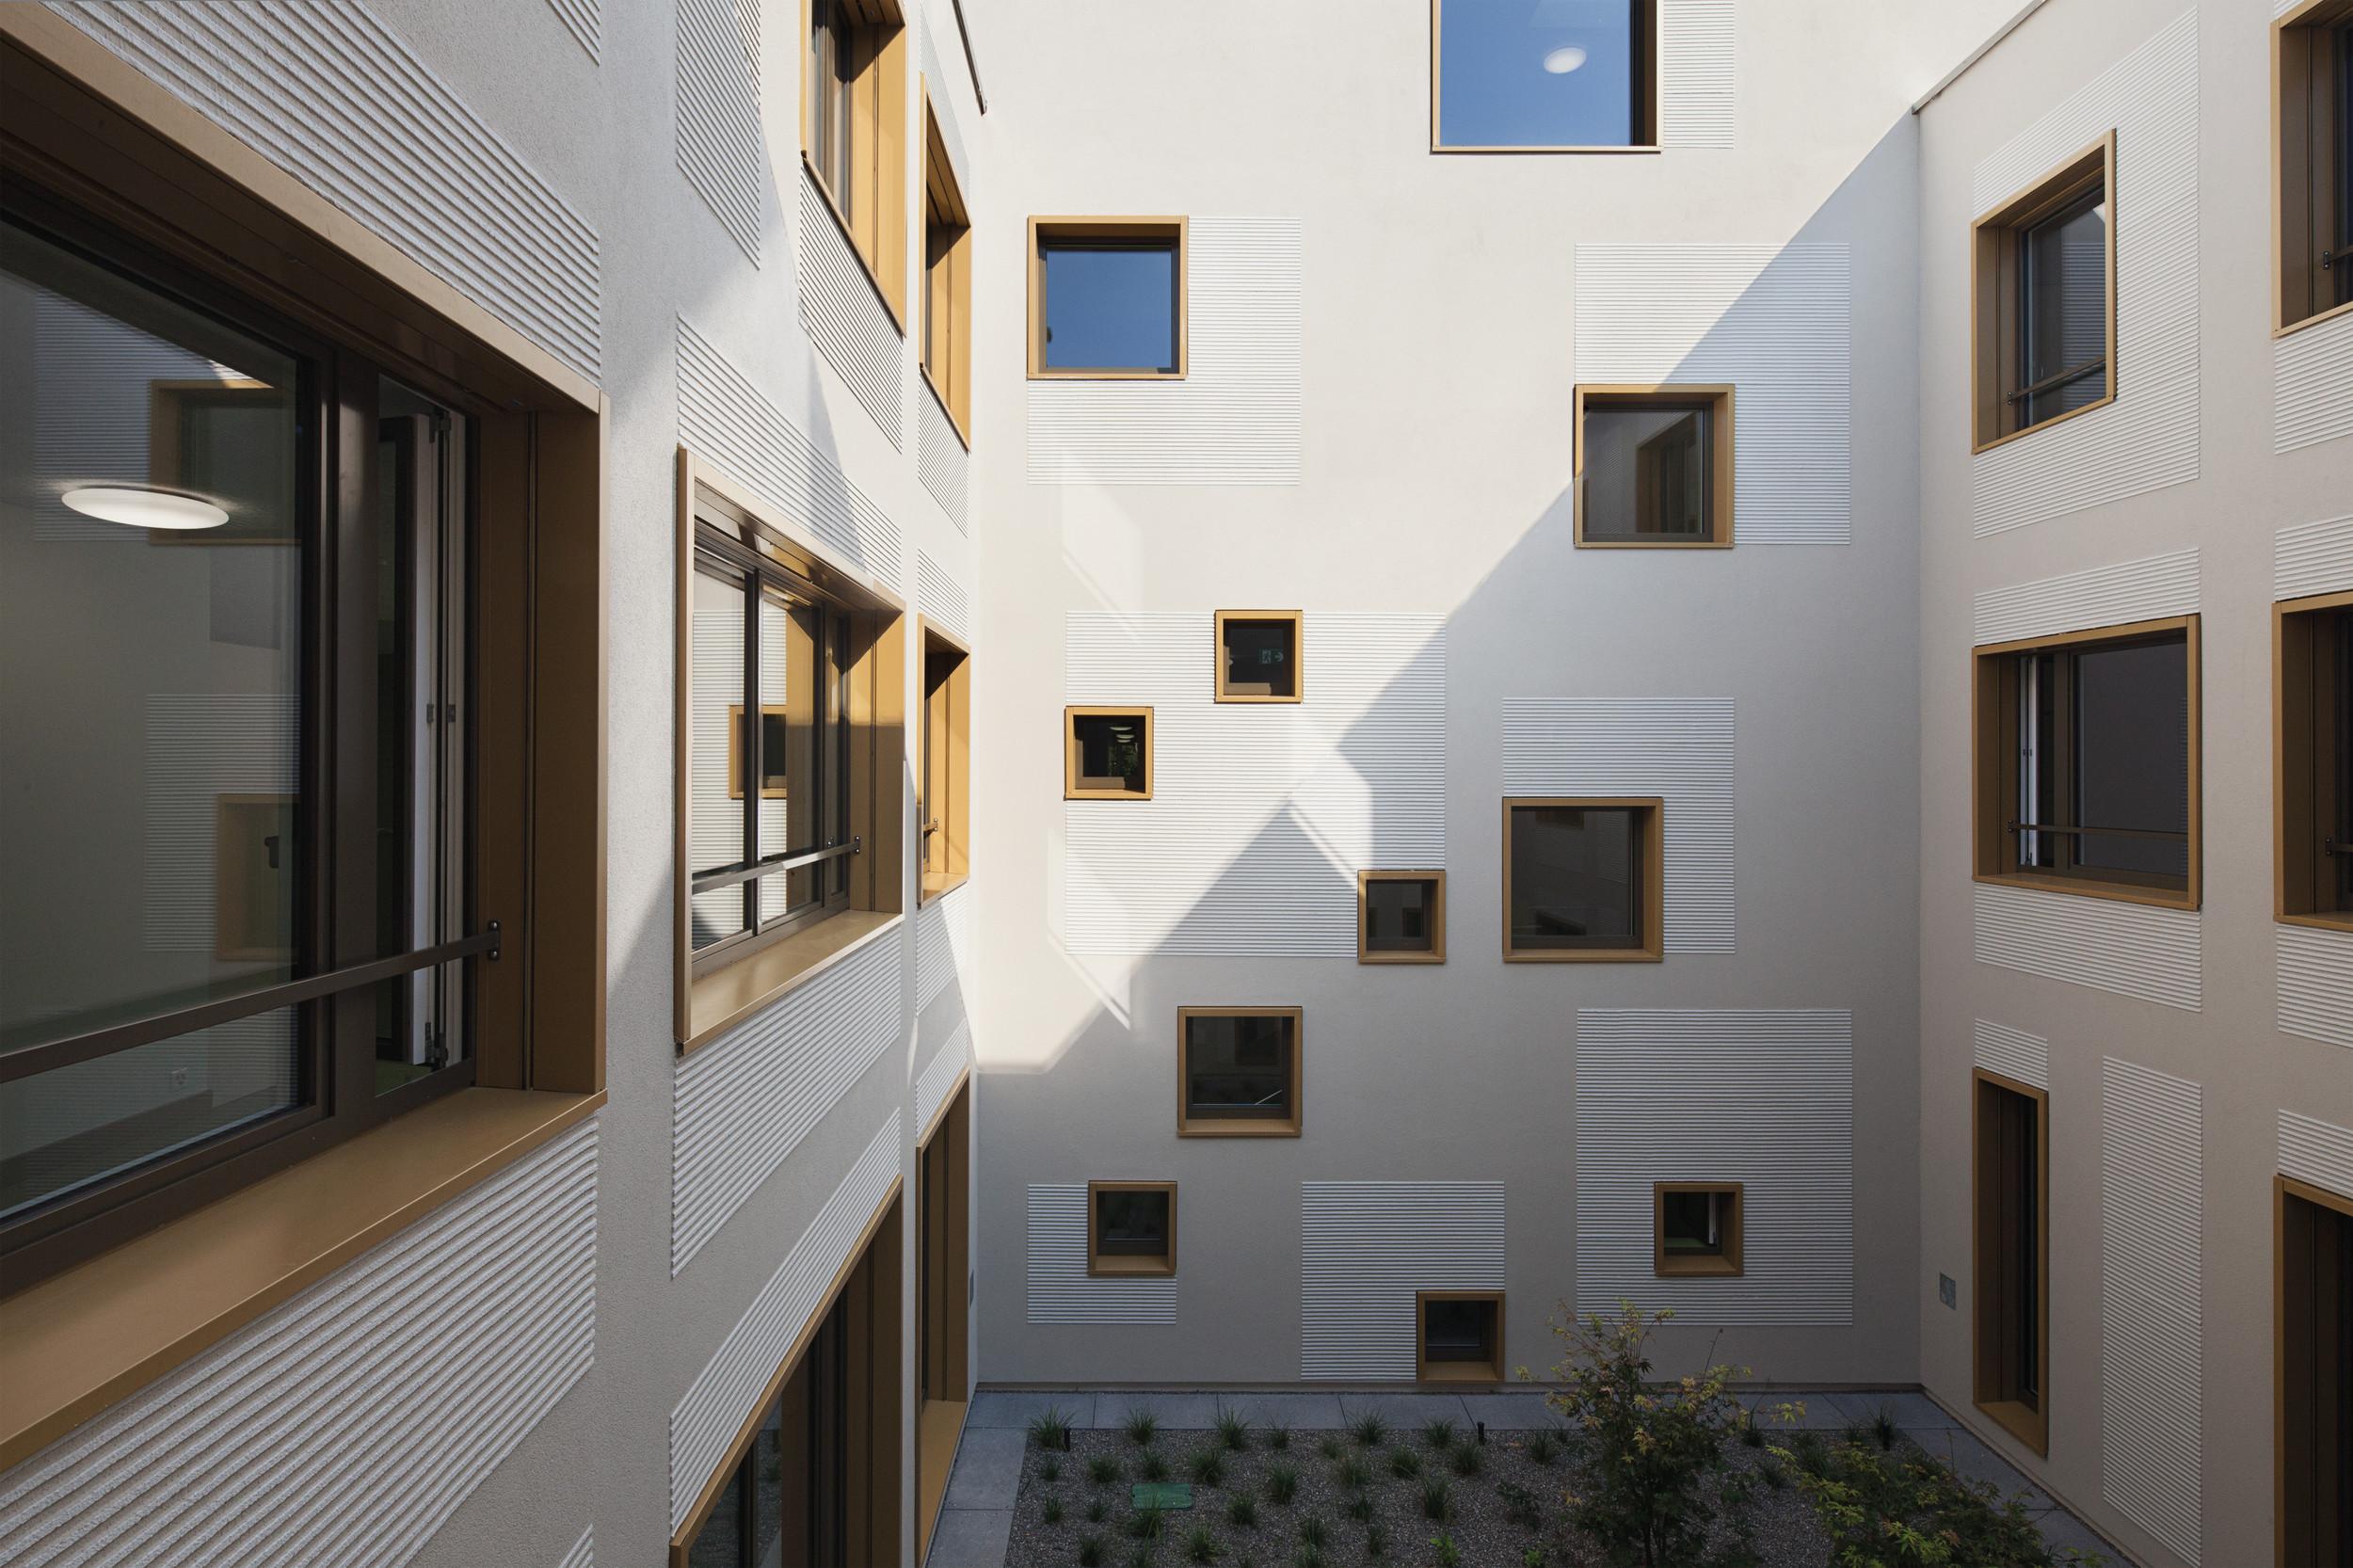 Mehrstöckiges Gebäude mit Holz-Elementfassade und verschiedenen Fenster